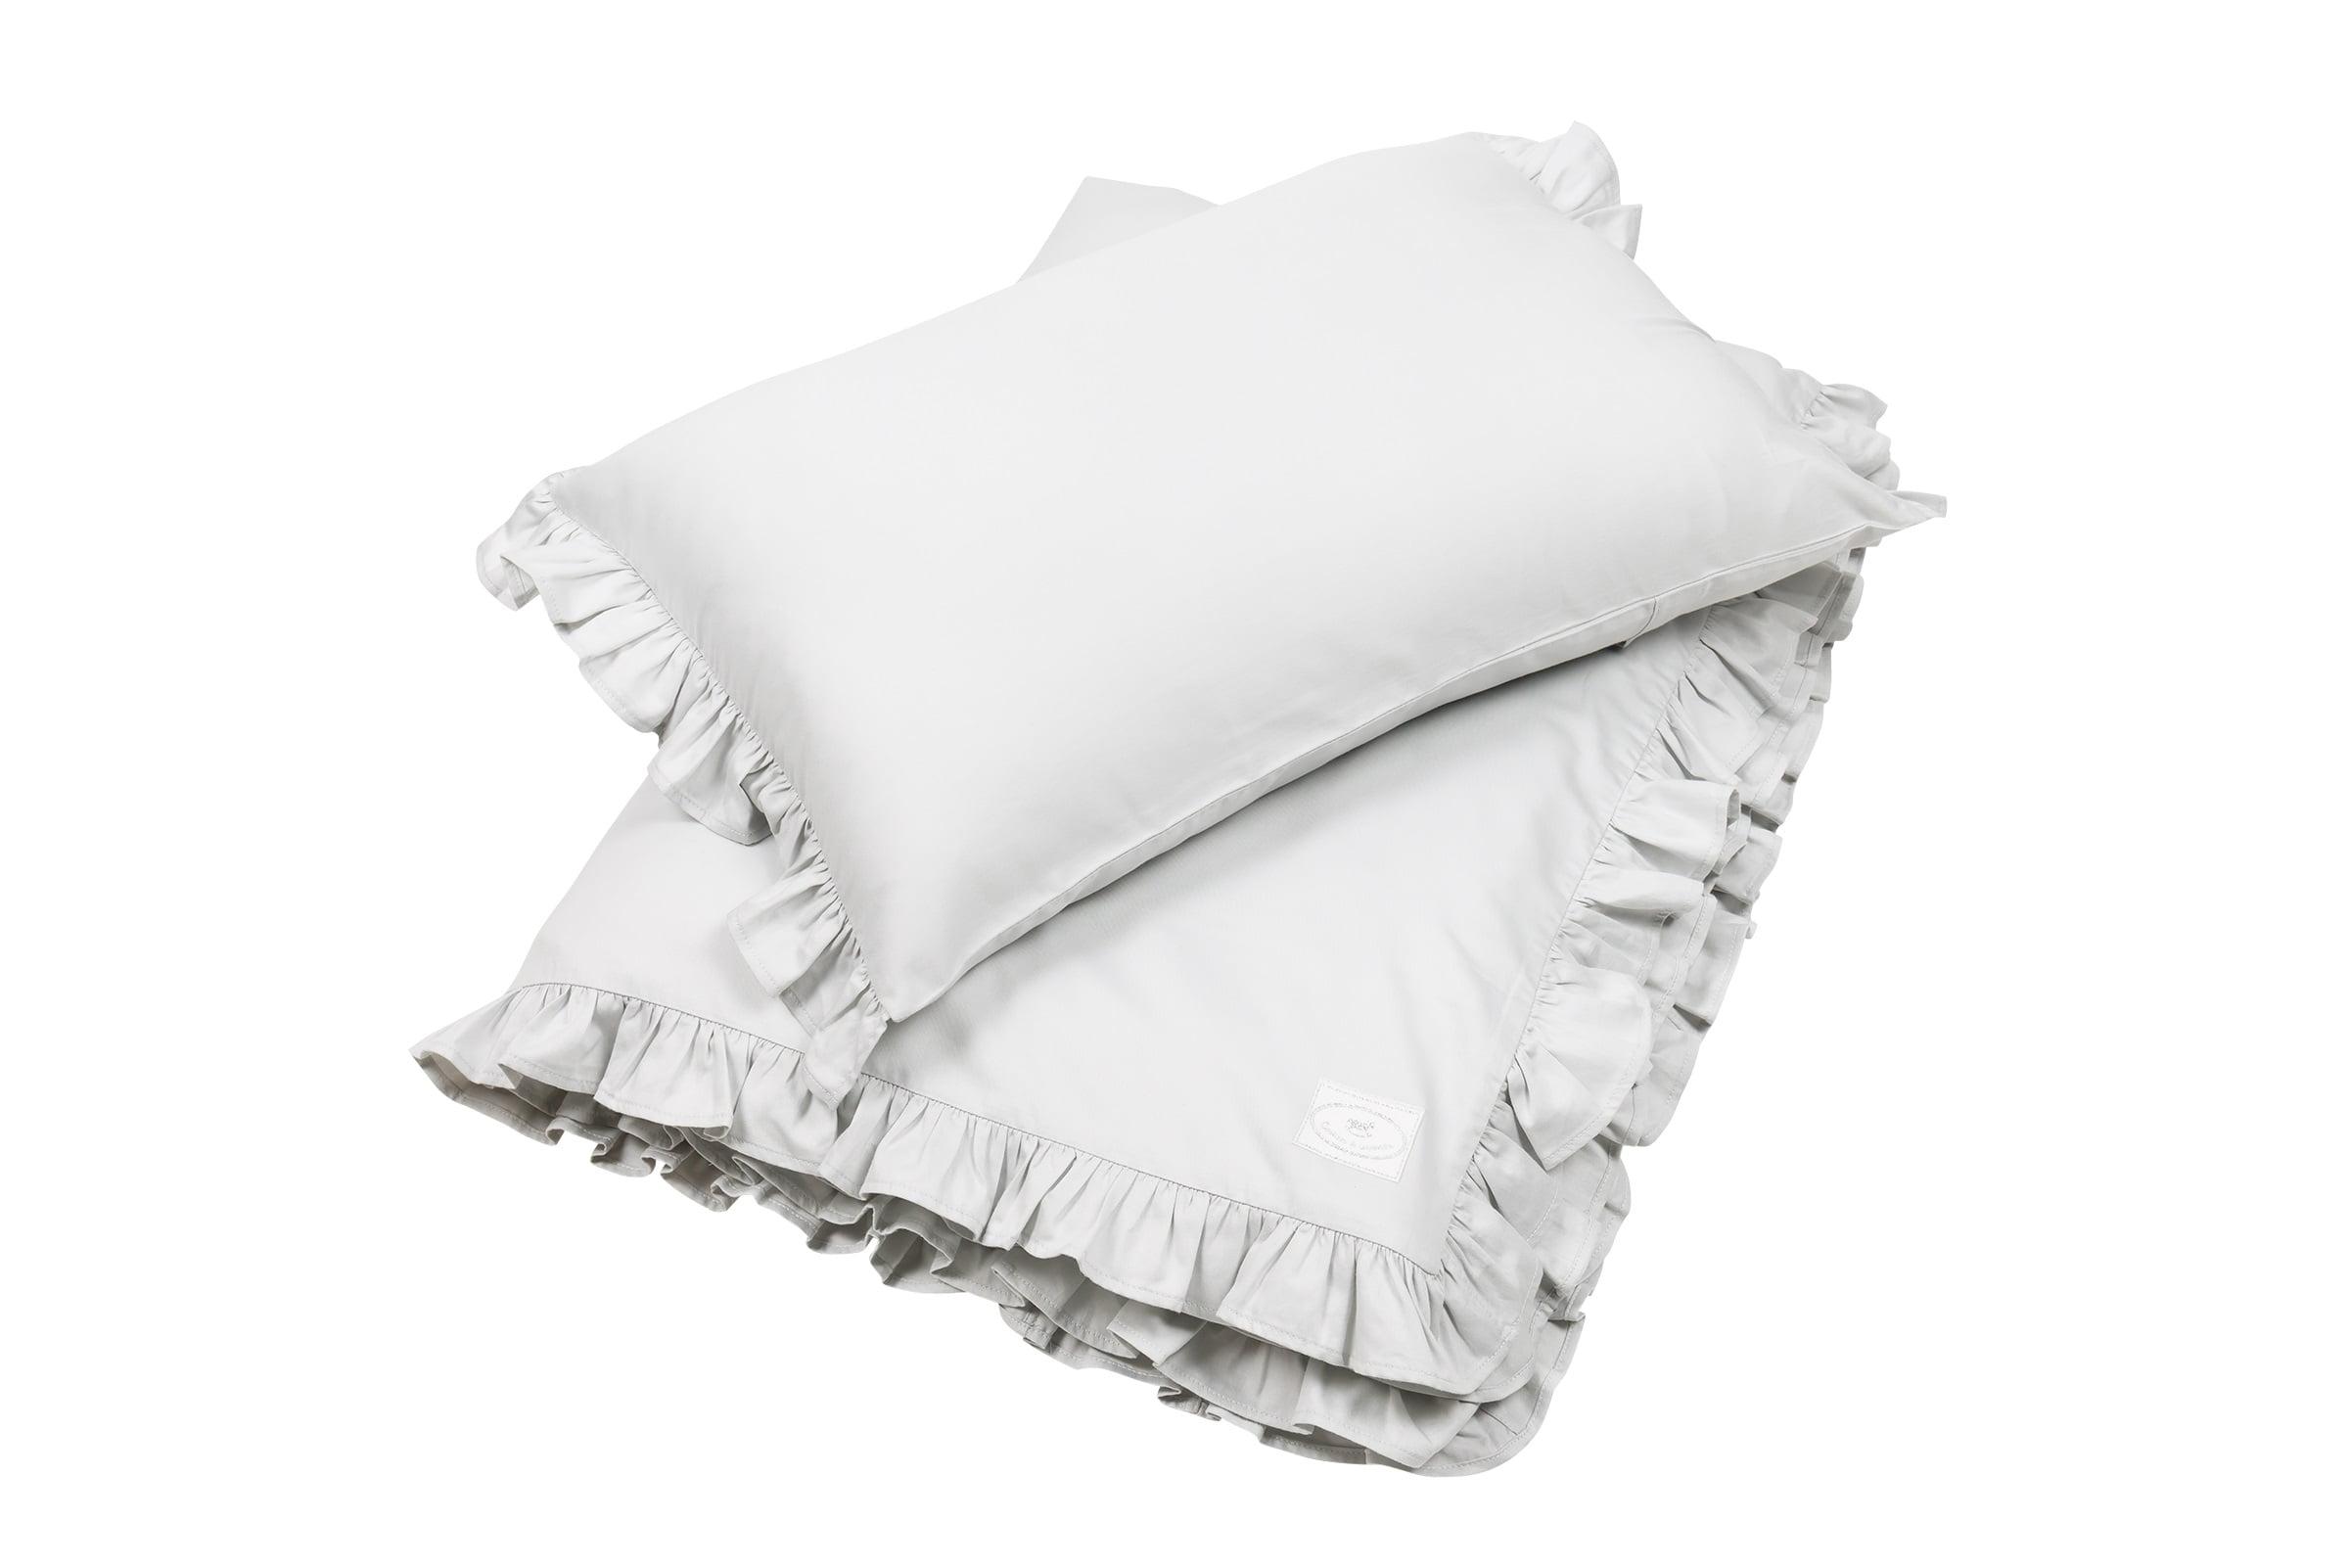 postelna-bielizen-junior-4-dadaboom-sk